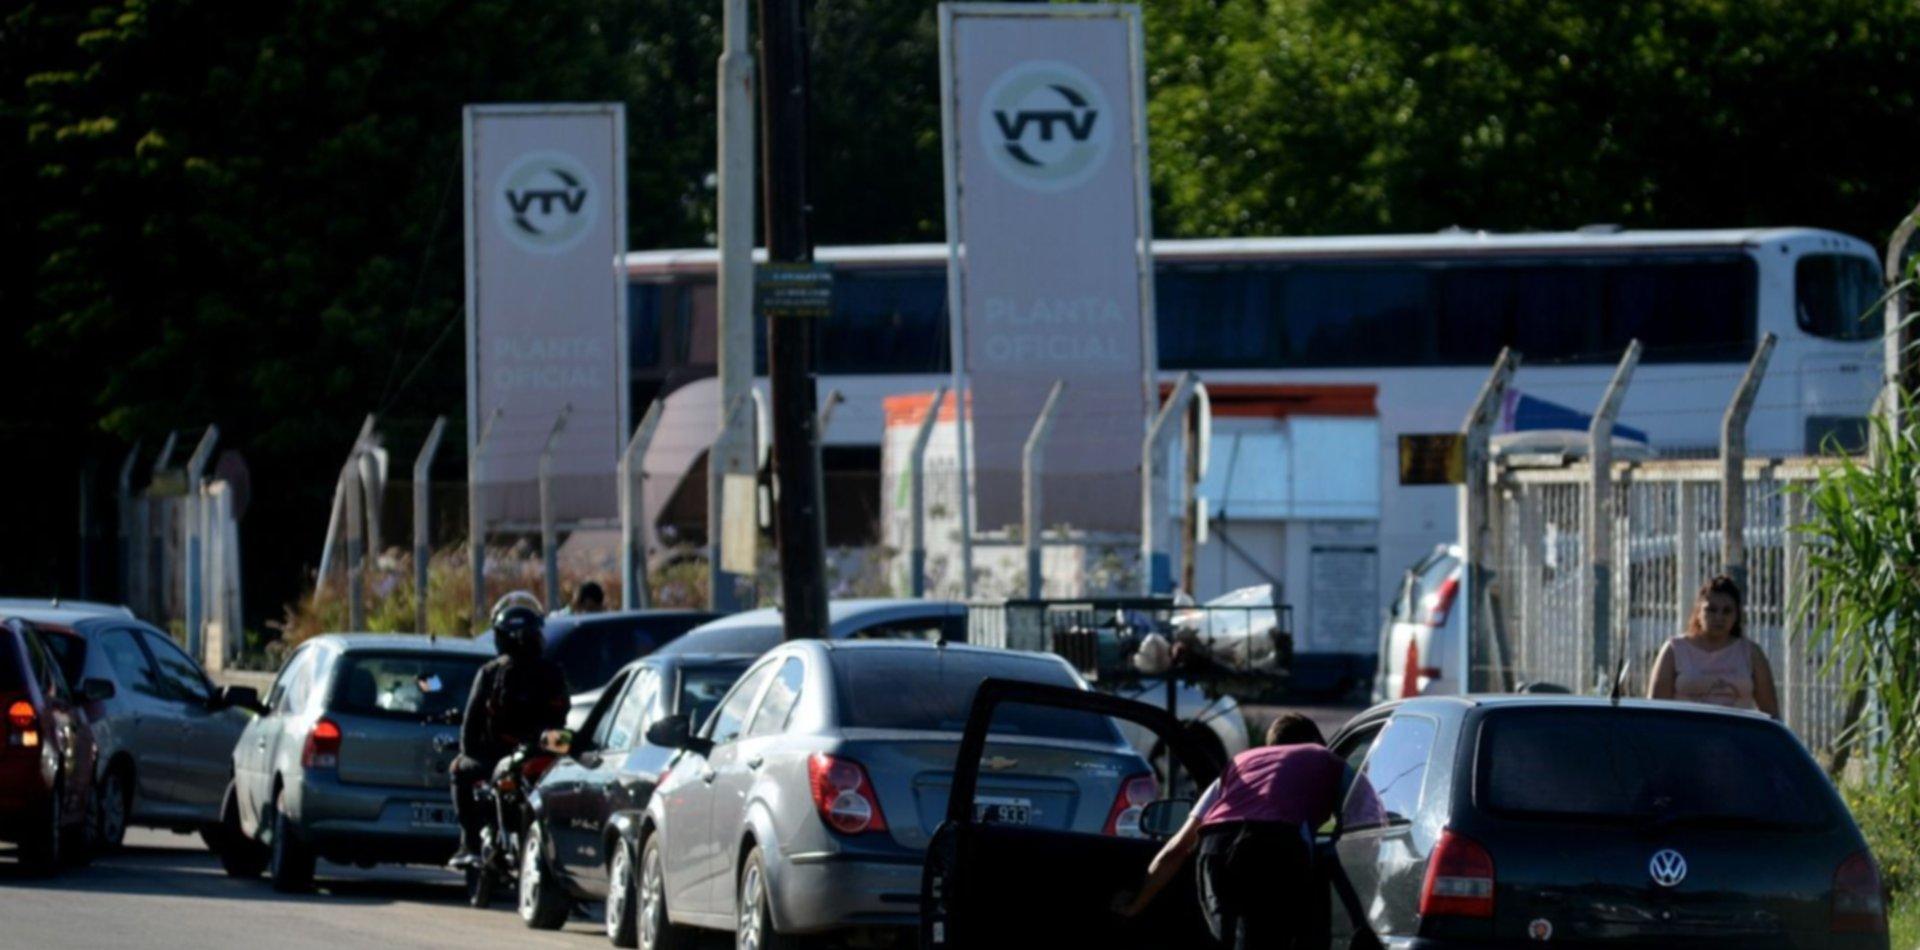 Las plantas de la VTV empiezan a trabajar para algunos vehículos especiales